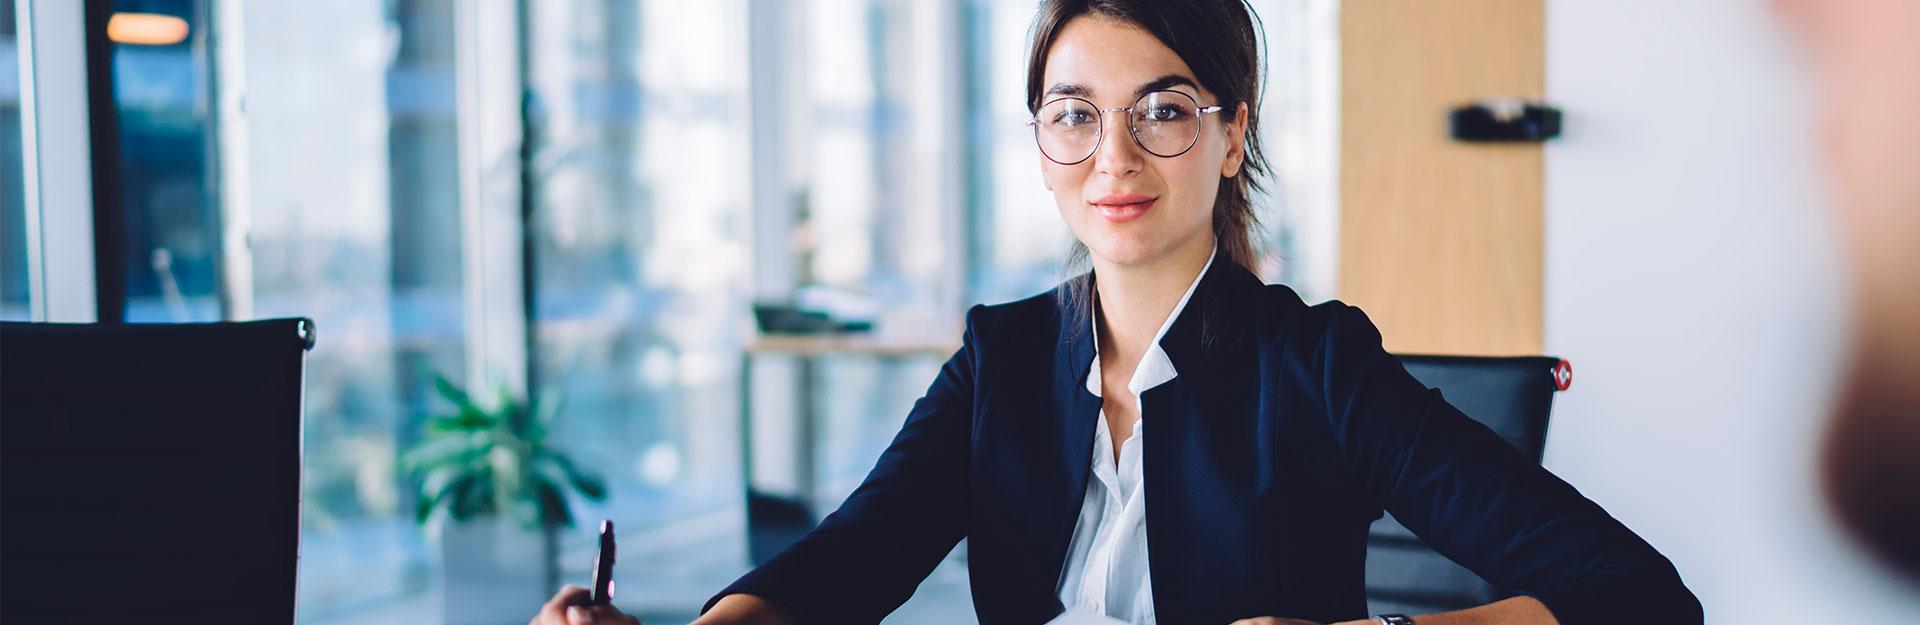 Una mujer trajeada y con gafas posa sentada con una sonrisa en su mesa de trabajo.